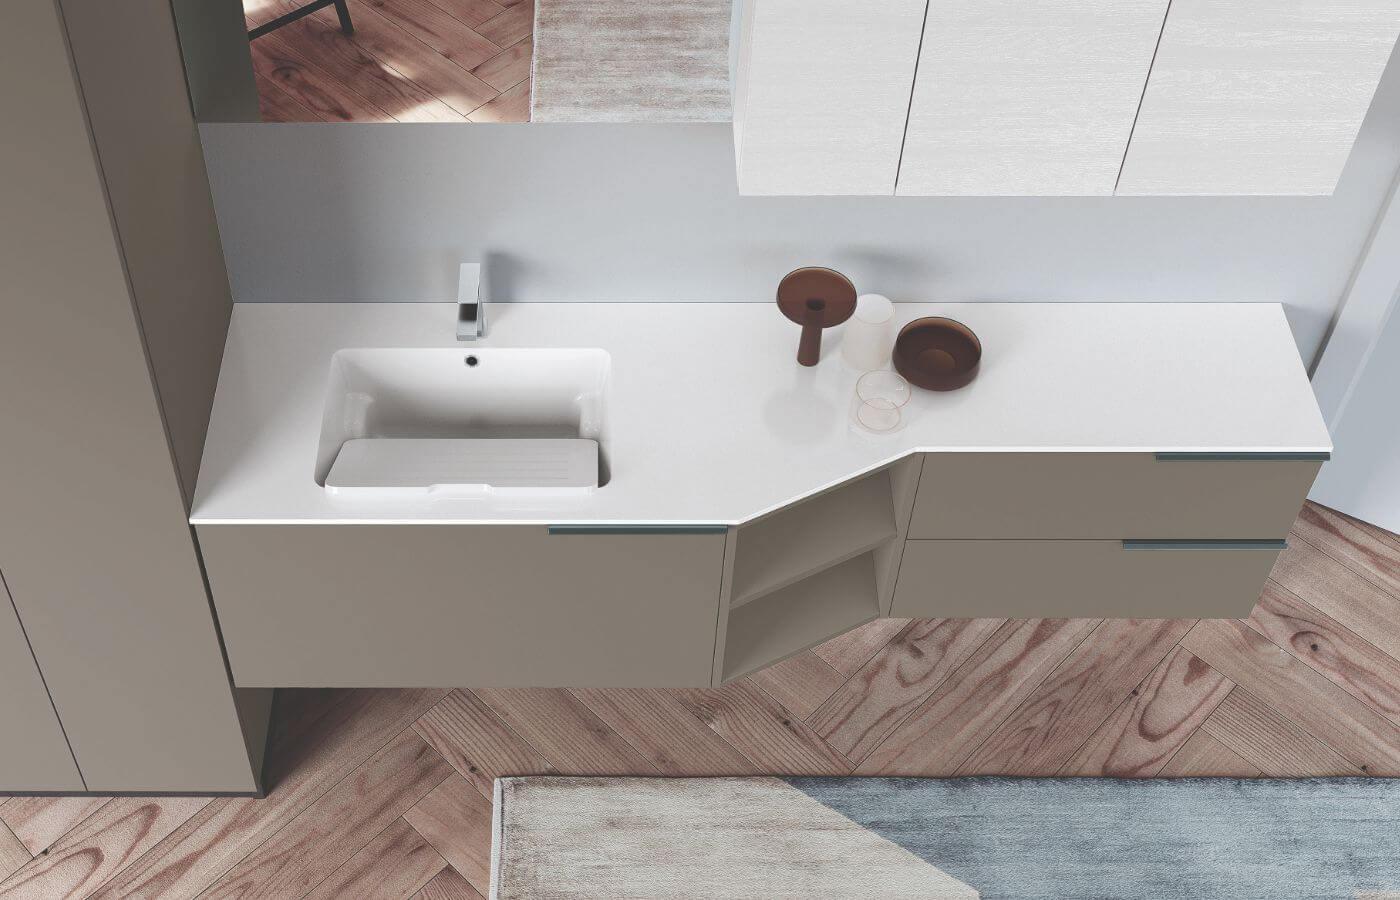 bagni-piano-mineralmarmo-vasca-integrata-collezione-sidney-il-mobile